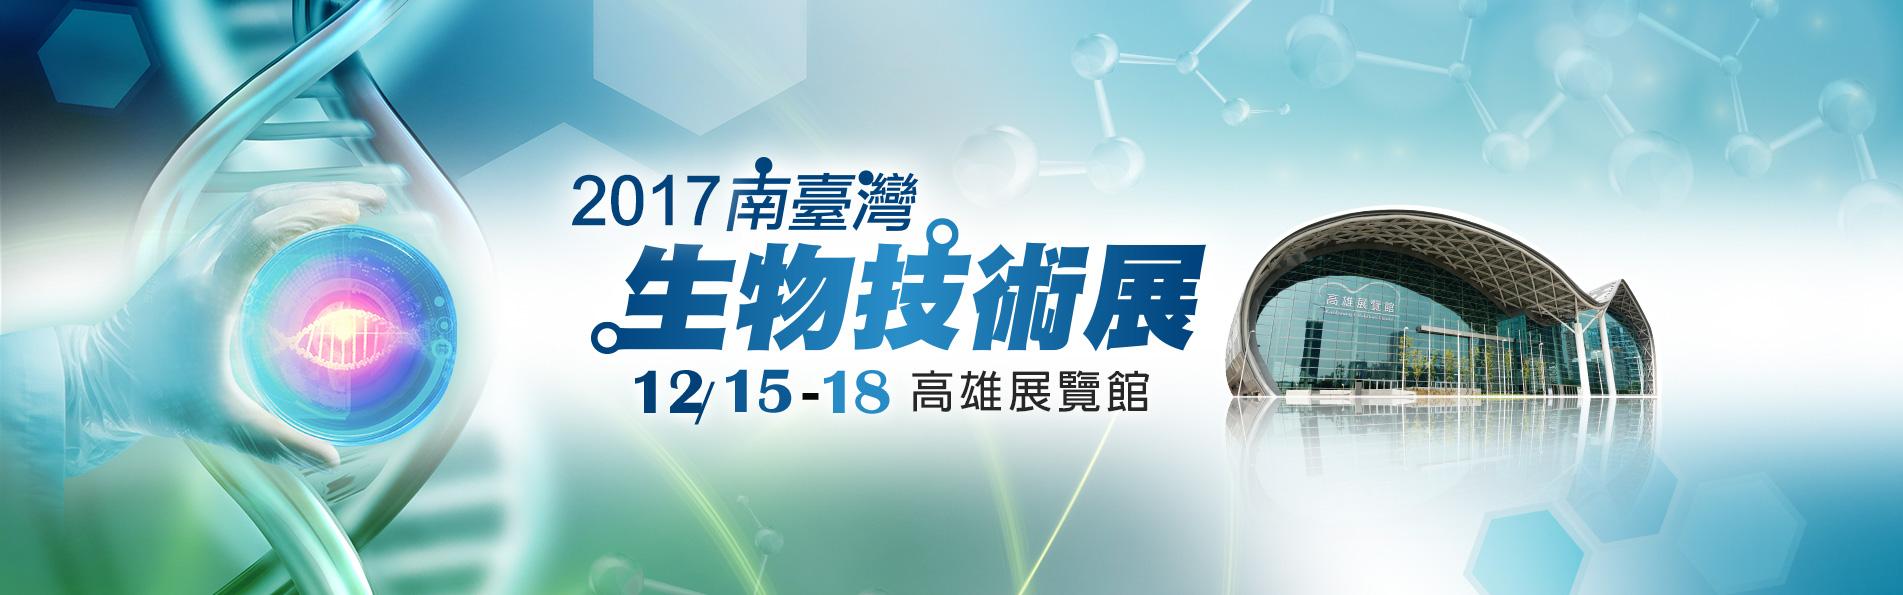 2017南台灣生物技術展